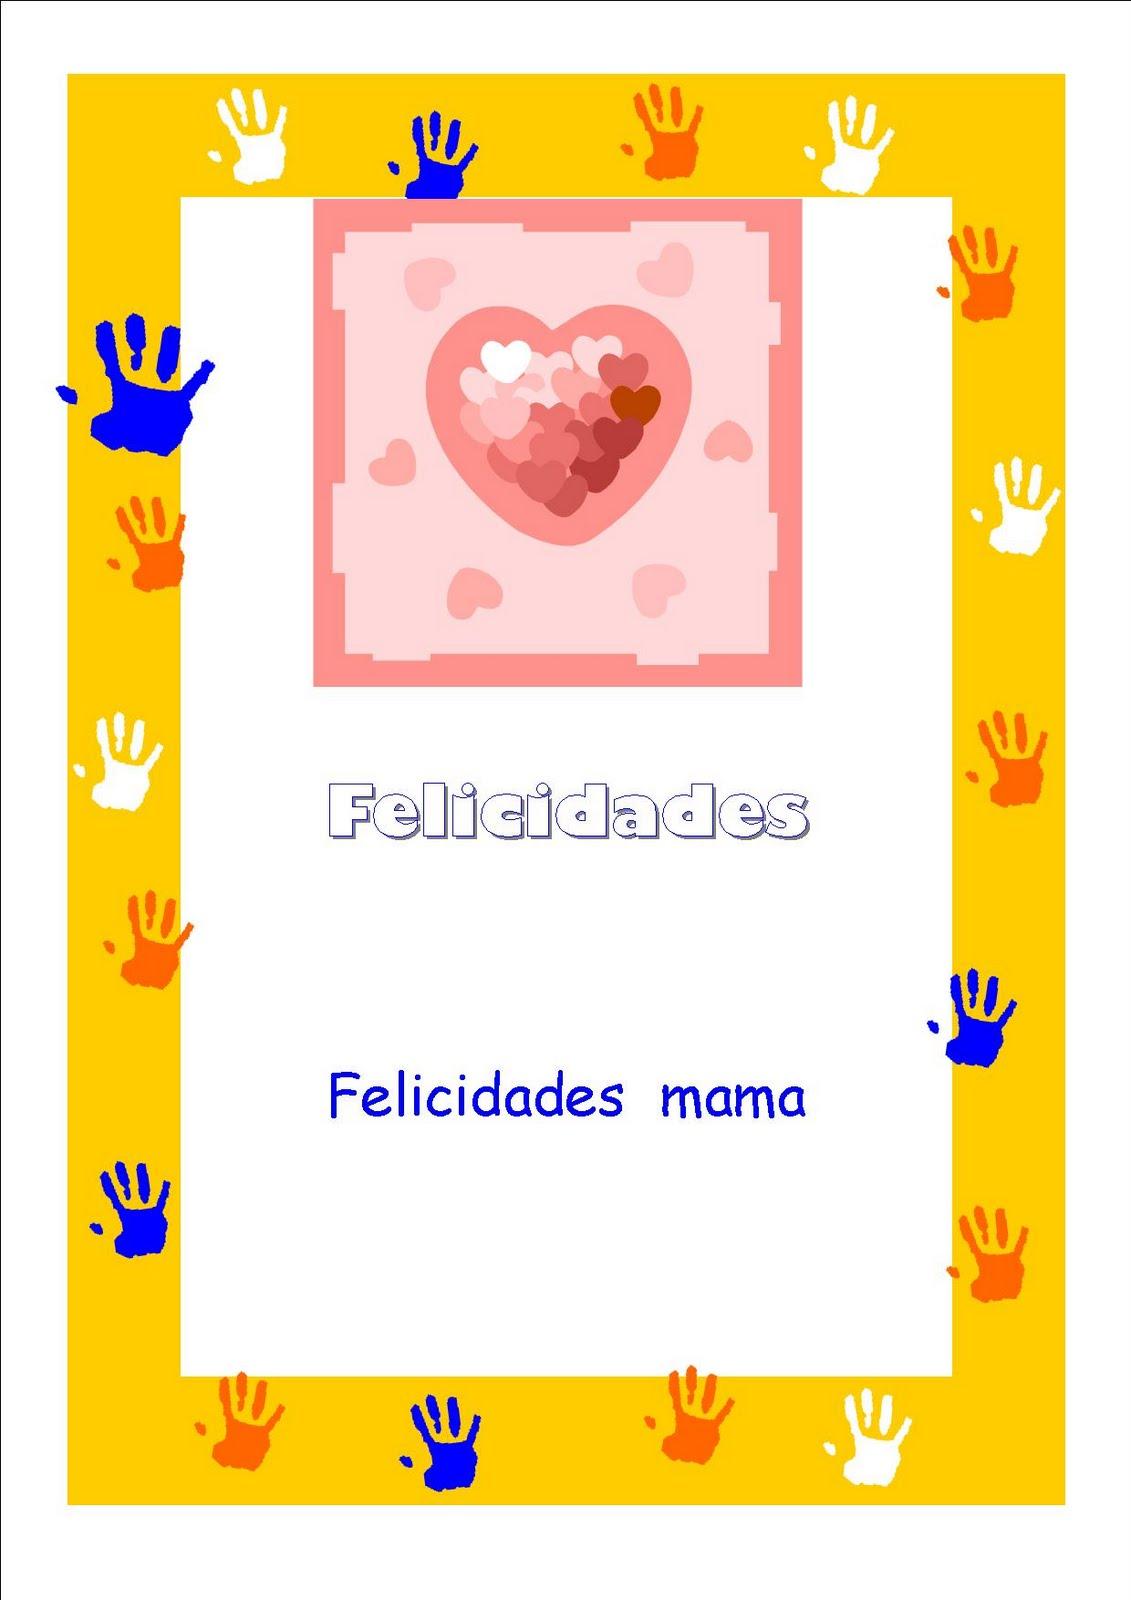 Informática Ampliación: Día de la madre, por Jose Marcos